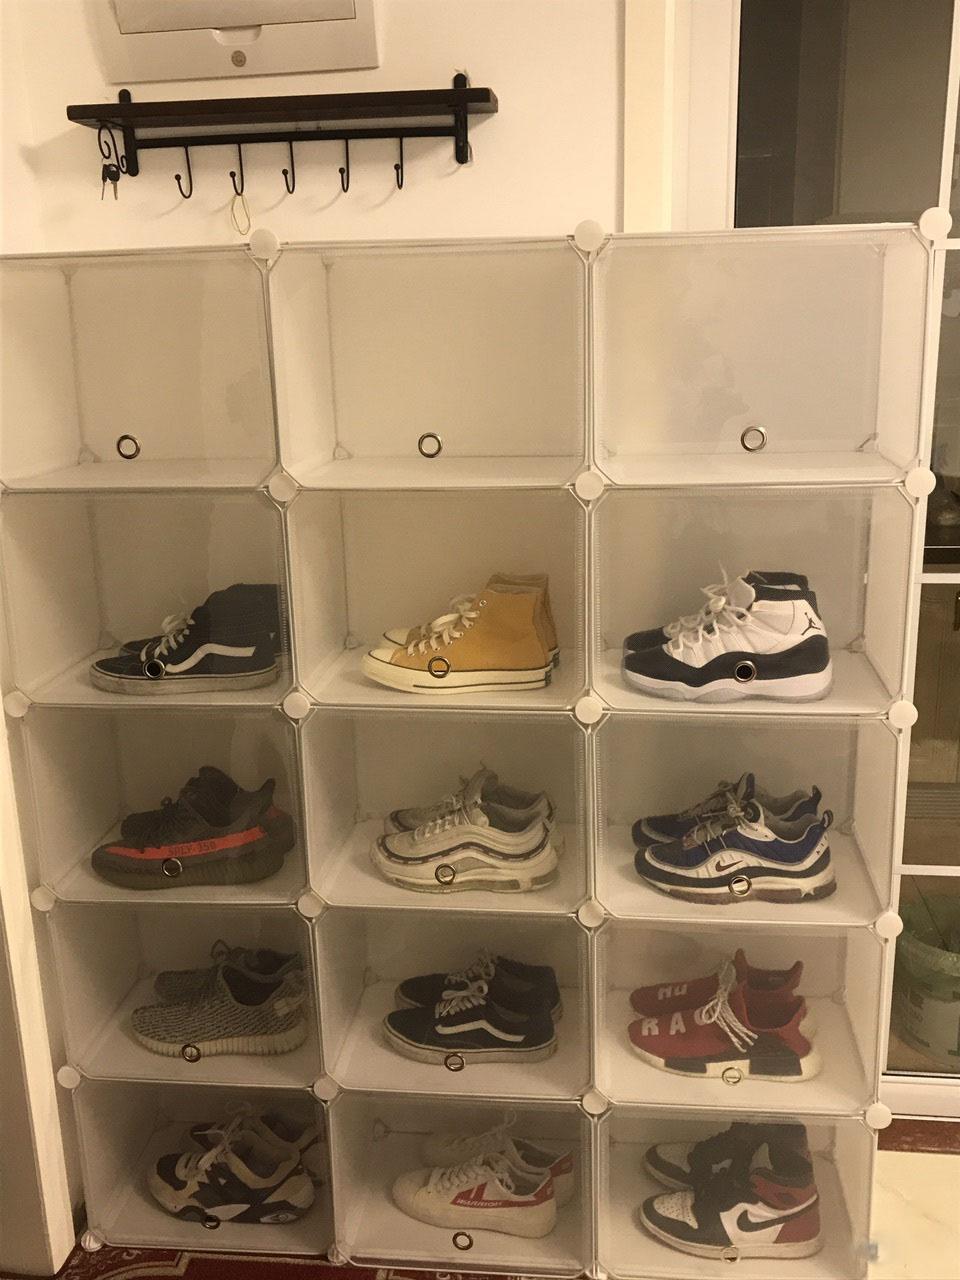 想给即将高考的儿子买双球鞋,预算1000以内,大家有什么推荐吗?